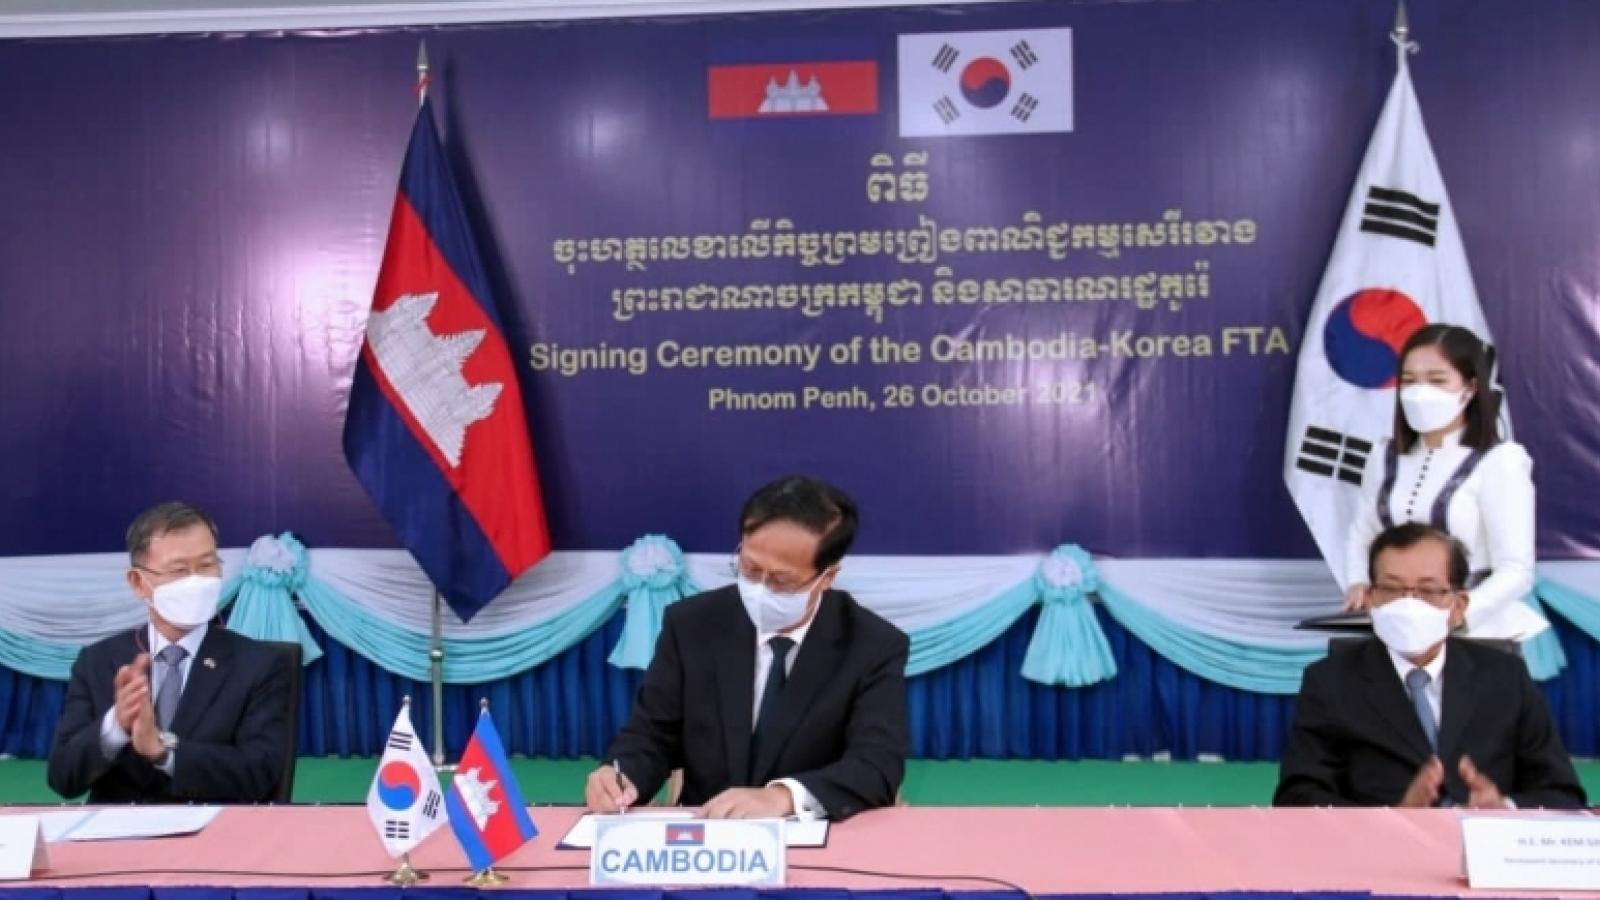 Campuchia – Hàn Quốc chính thức ký hiệp định thương mại tự do song phương